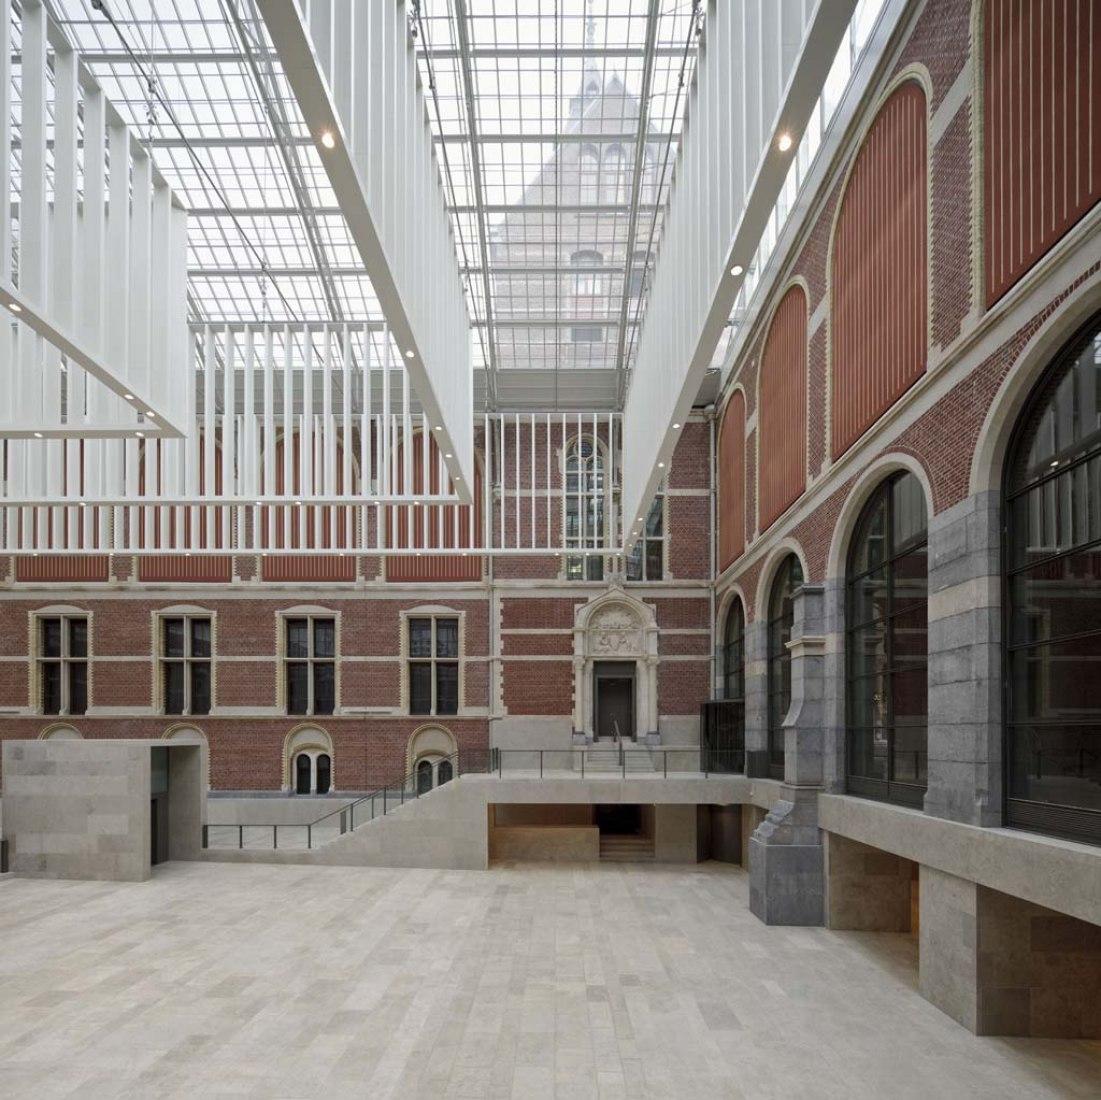 Nuevo atrio de entrada del Rijksmuseum de Ámsterdam por Cruz y Ortiz Arquitectos. Fotografía © Pedro Pegenaute. Imagen cortesía deRijksmuseum.